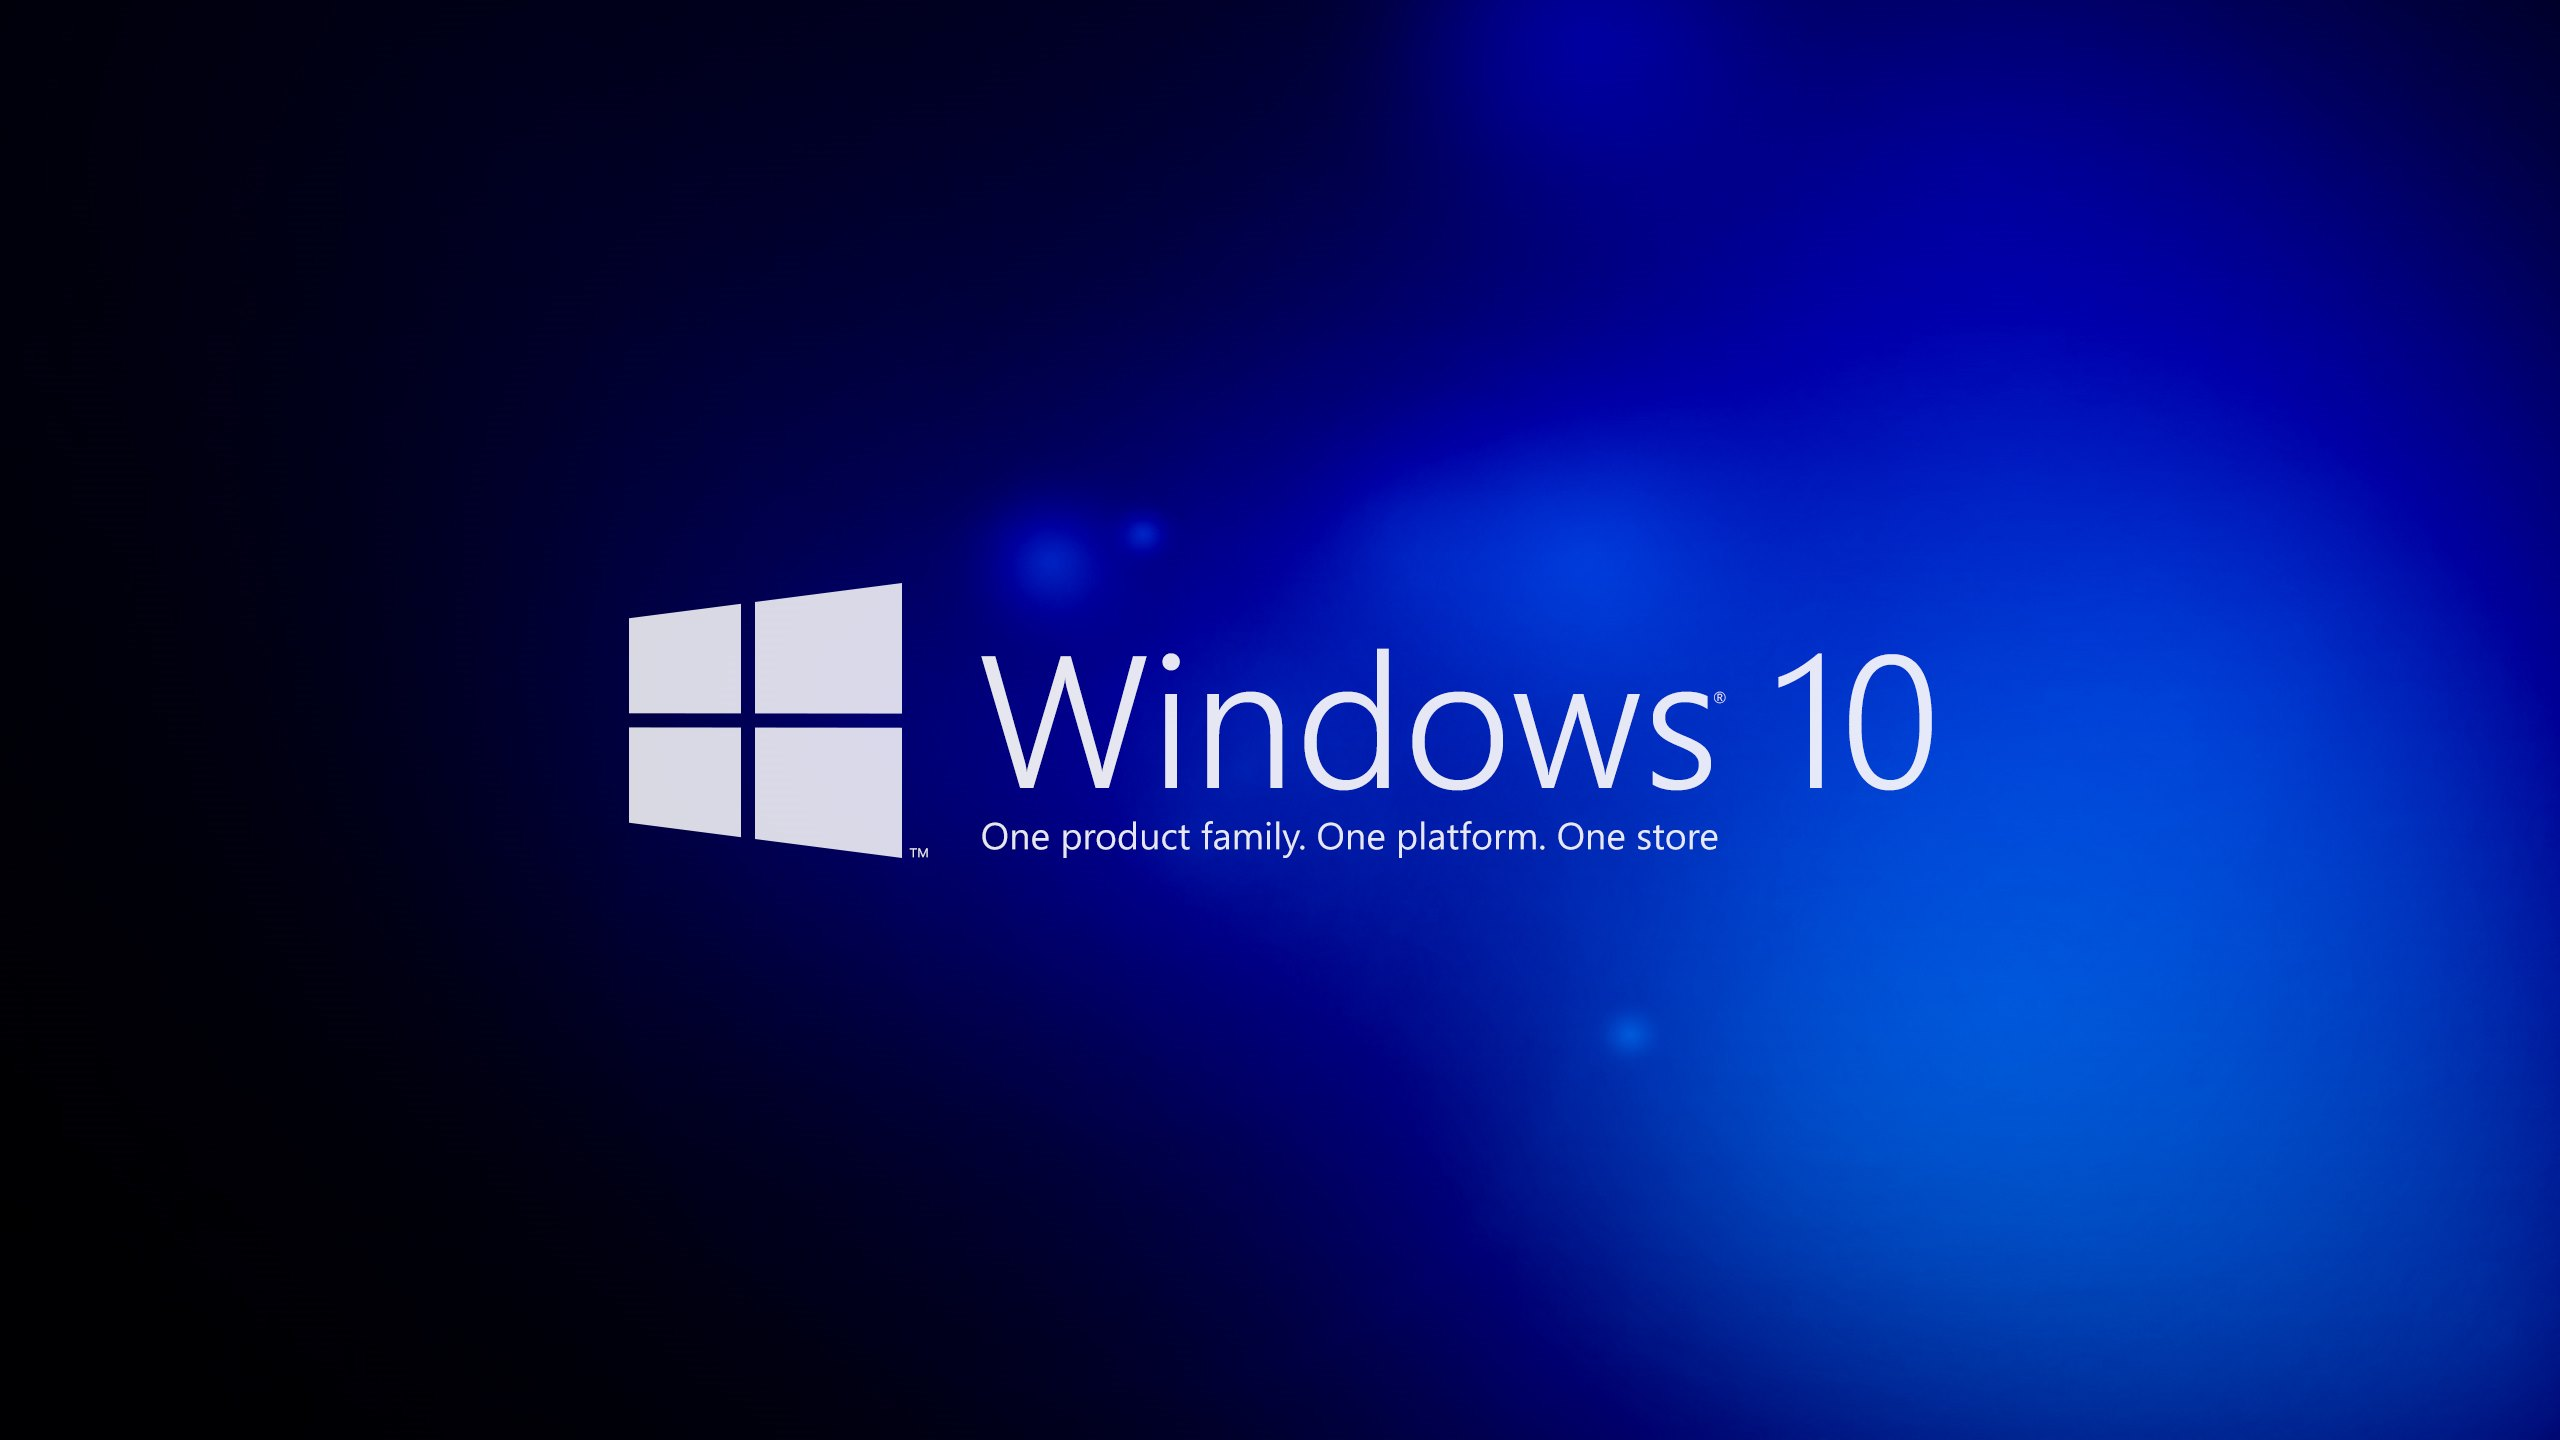 Очередное огромное обновление Windows 10 выйдет ксередине весны